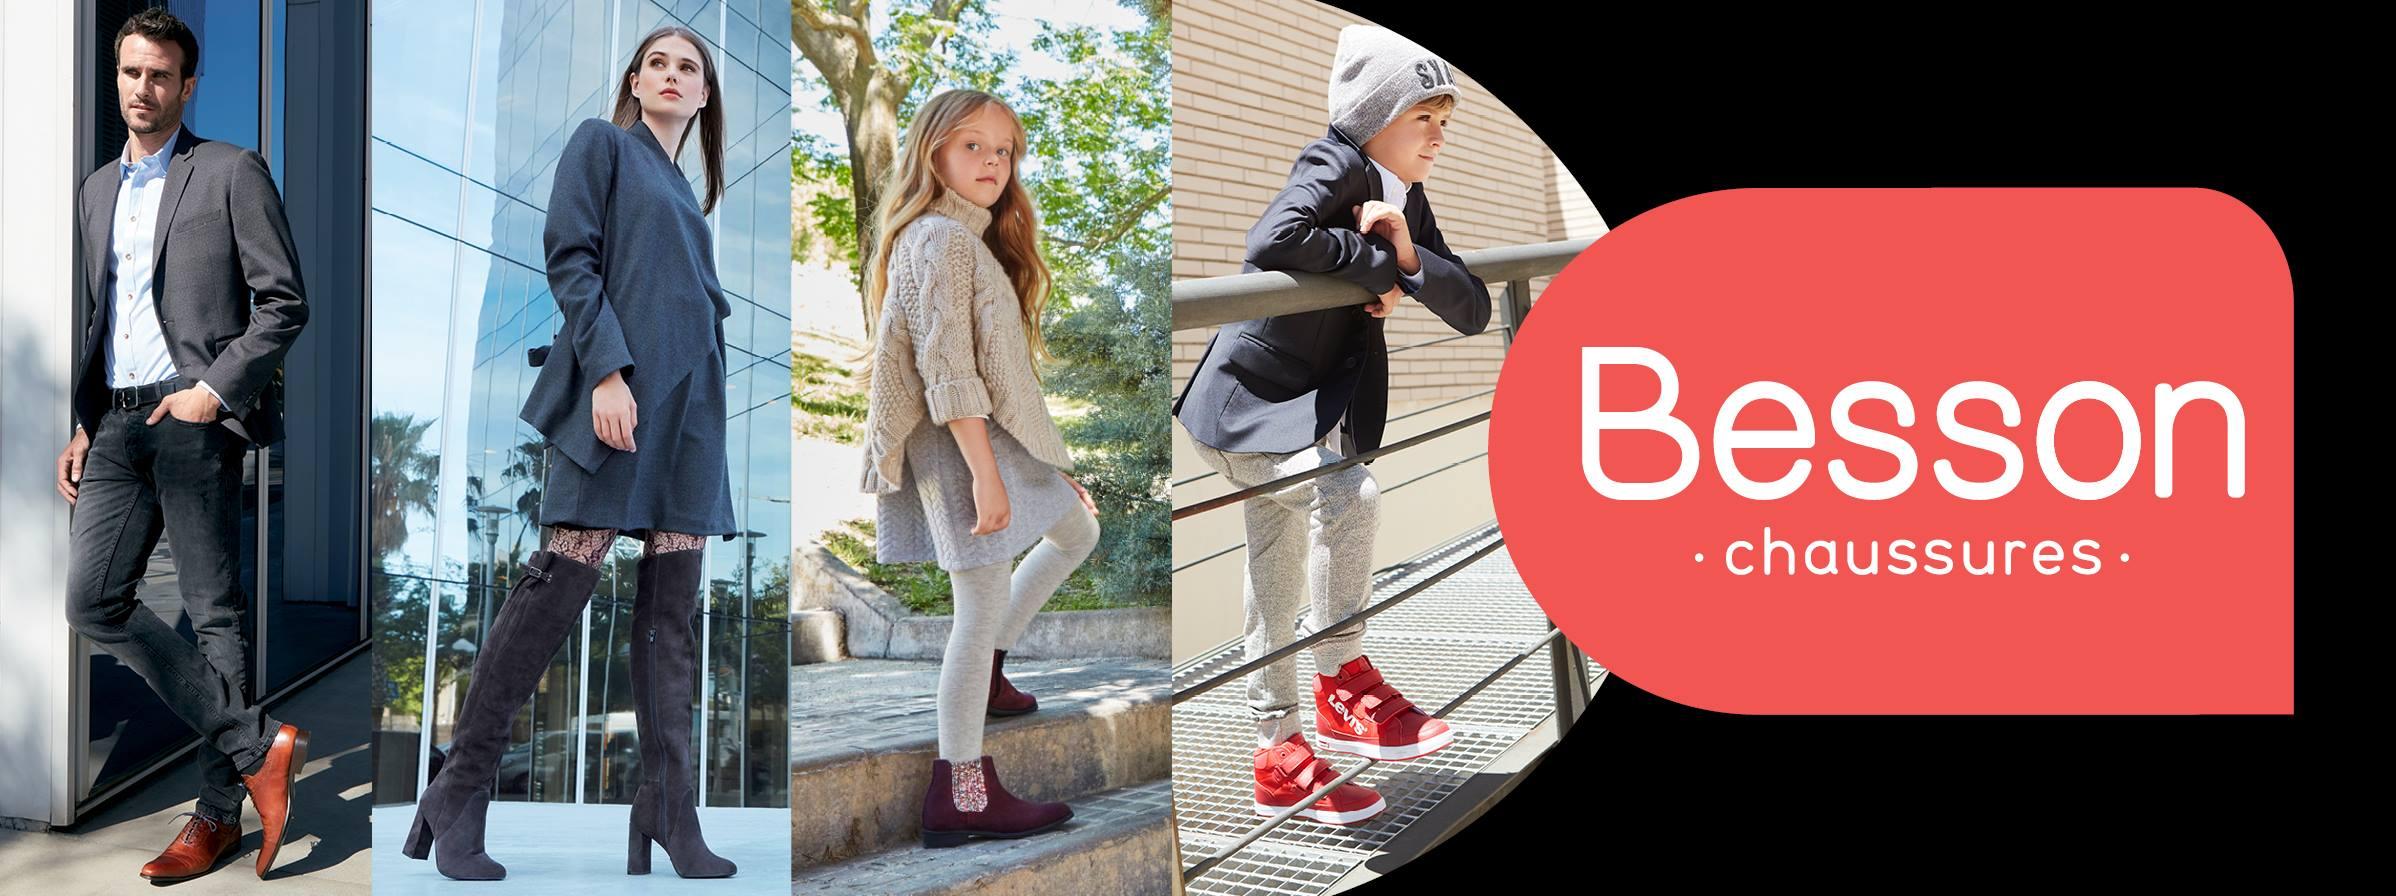 f03474685a498b Bons plans Besson Chaussures ⇒ Deals pour juin 2019 - Dealabs.com